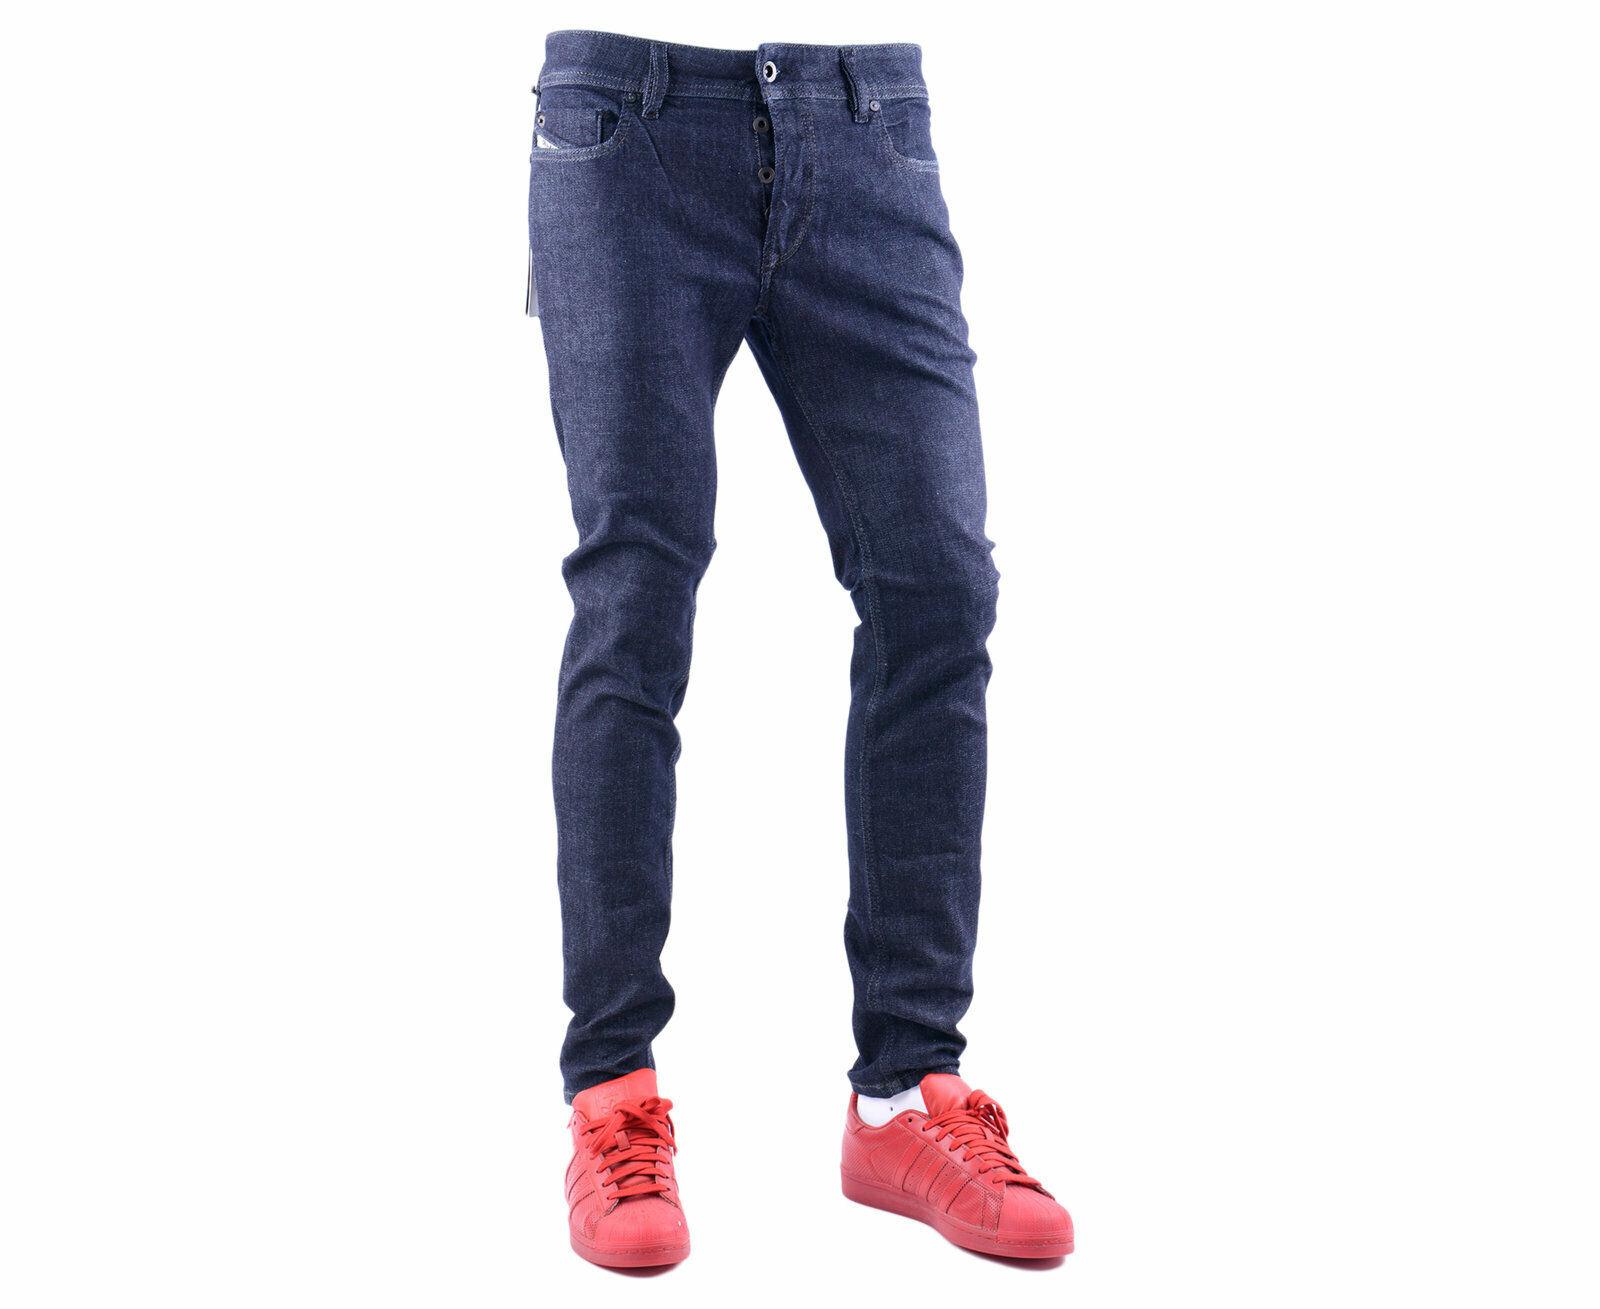 DIESEL SLEENKER 0849D W31 L30 Mens Denim Jeans Stretch Slim Fit Skinny